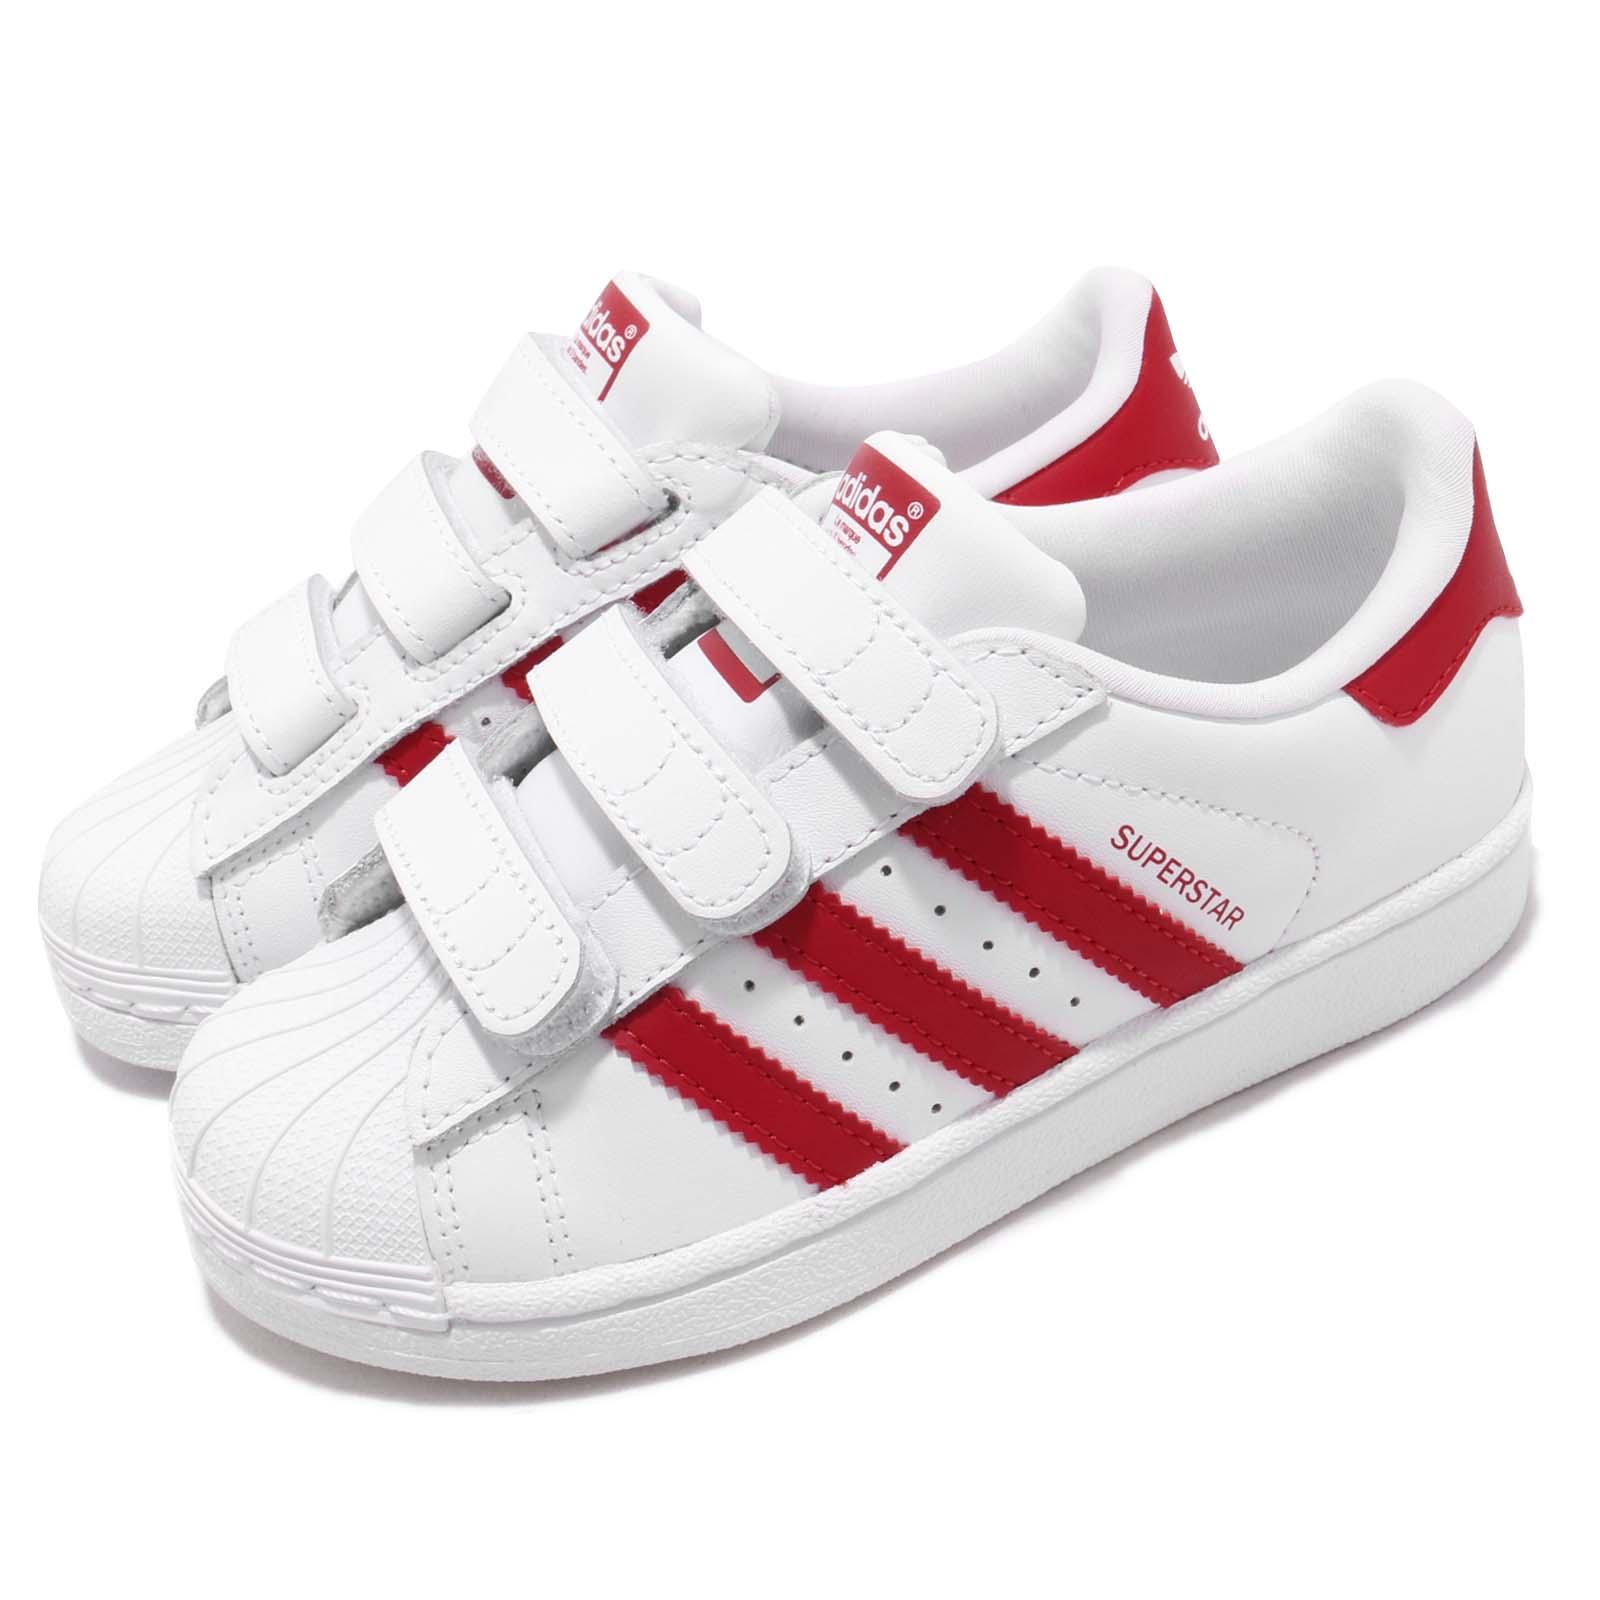 adidas 休閒鞋 Superstar CF 穿搭 童鞋 CG6622